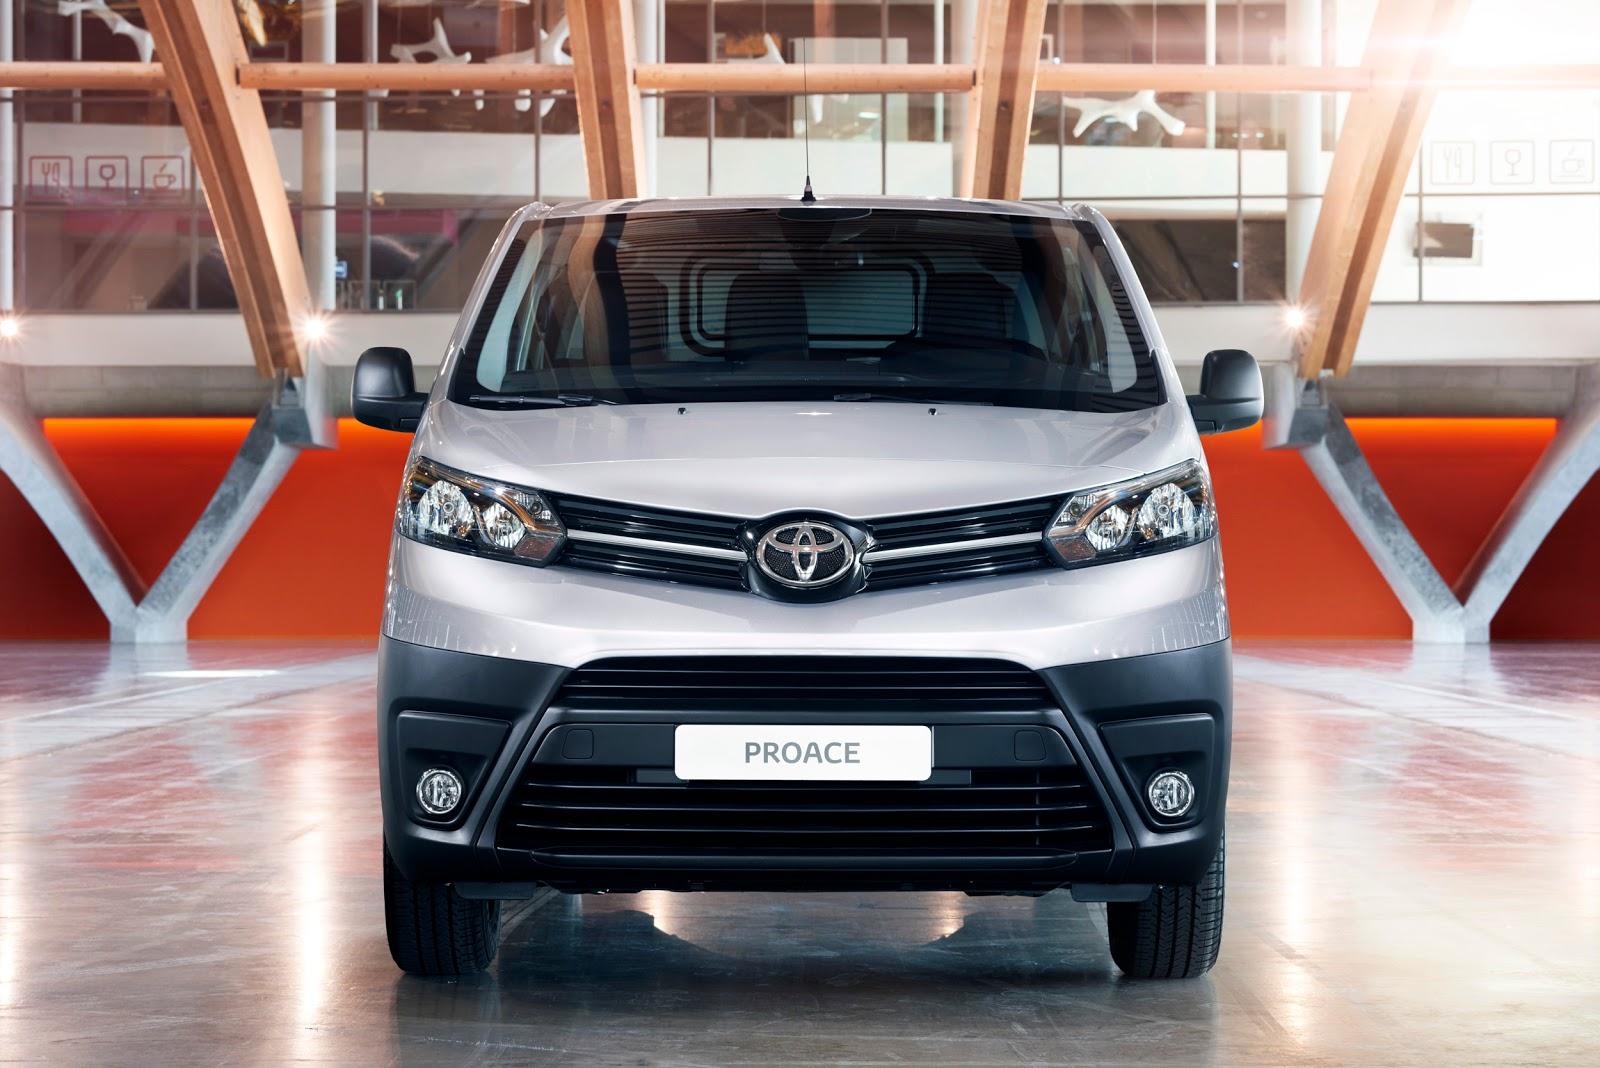 Đánh giá xe Toyota Proace 2016